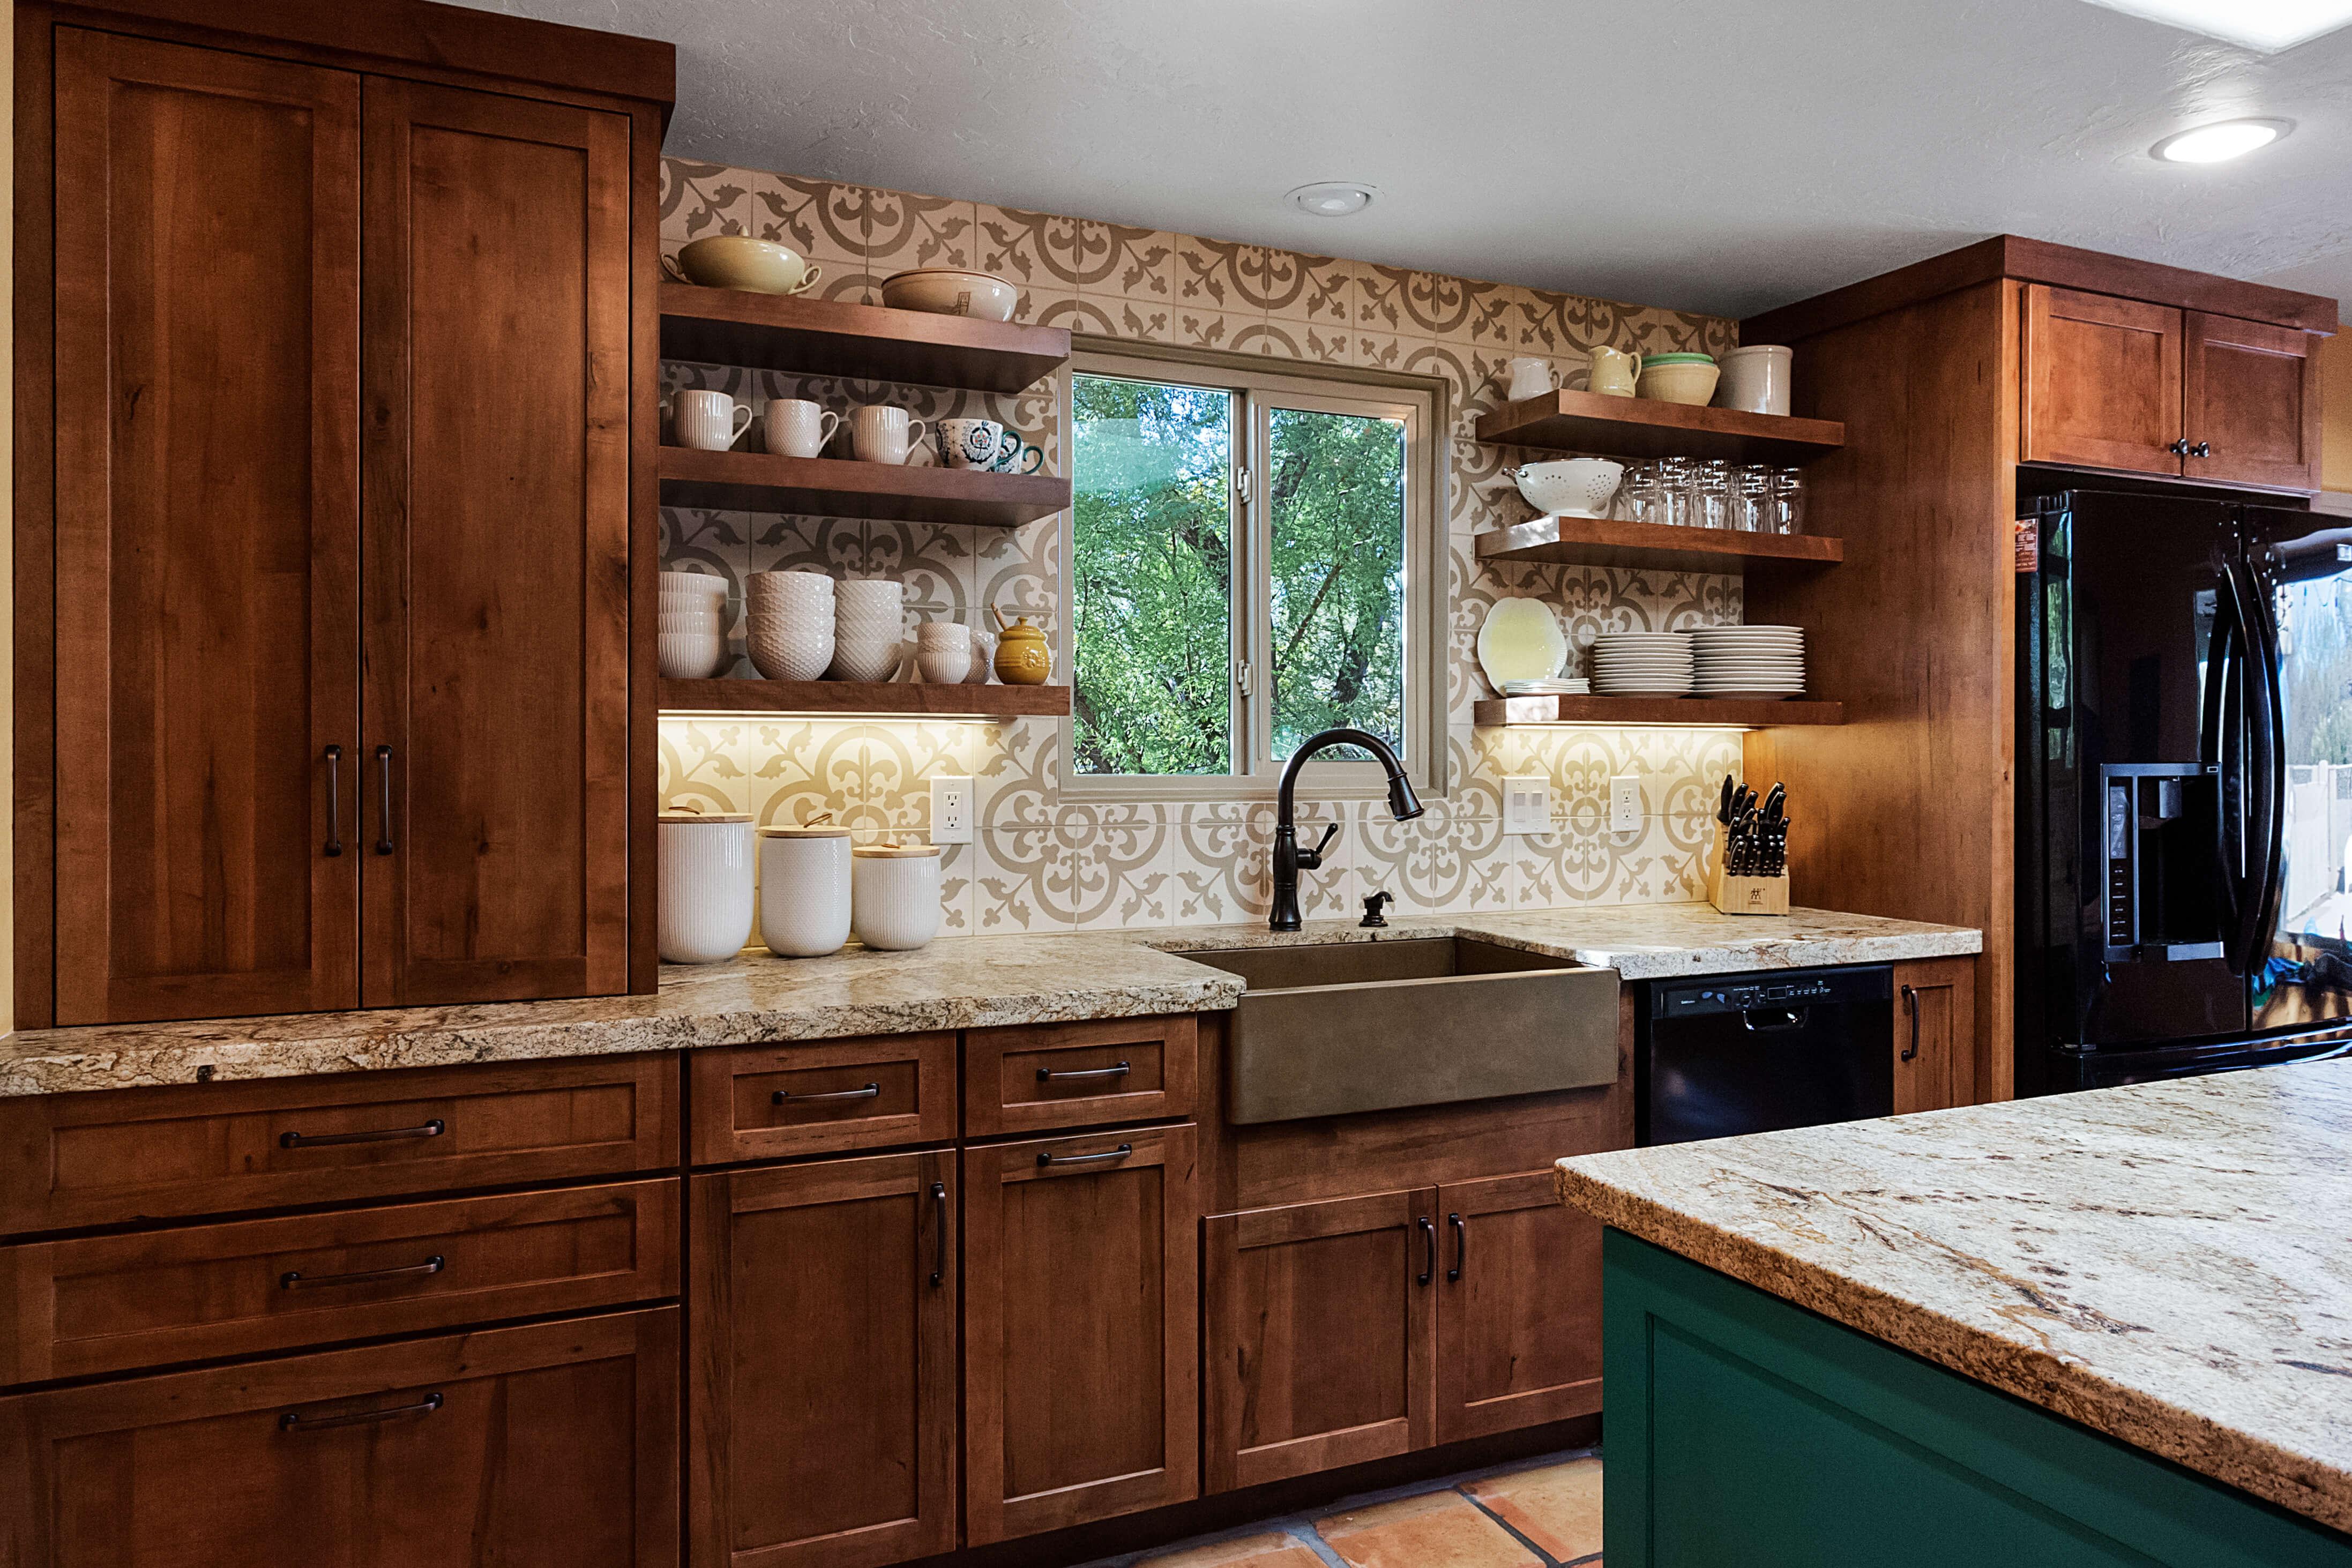 oro valley kitchen with a turquoise island designer matt